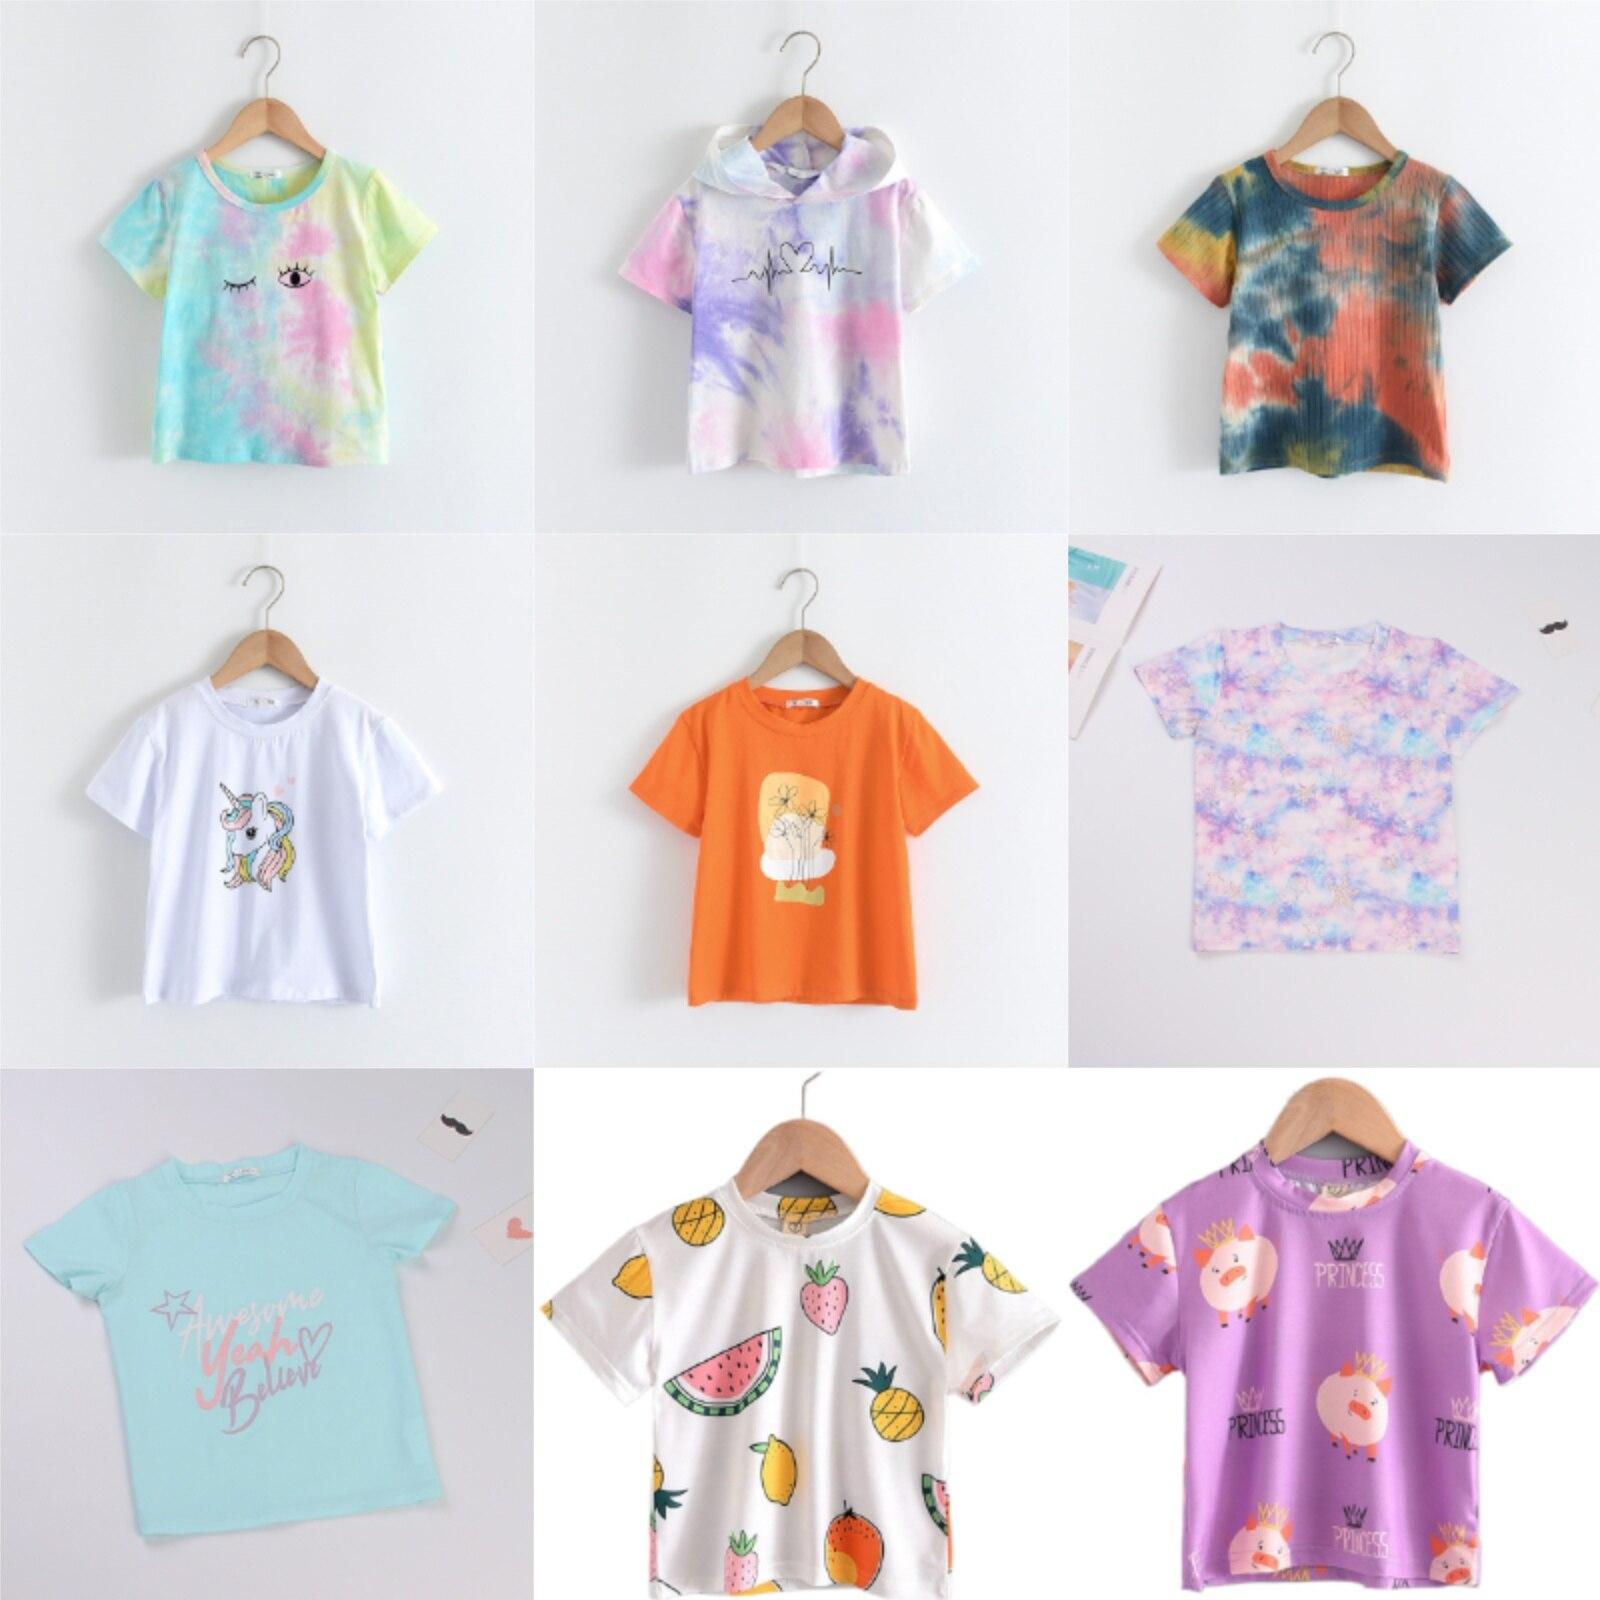 Menoea 2-7T T-shirt à manches courtes pour enfants coton motif T-shirts garçon enfant garçons et filles hauts chemises 2020 enfants T-shirt